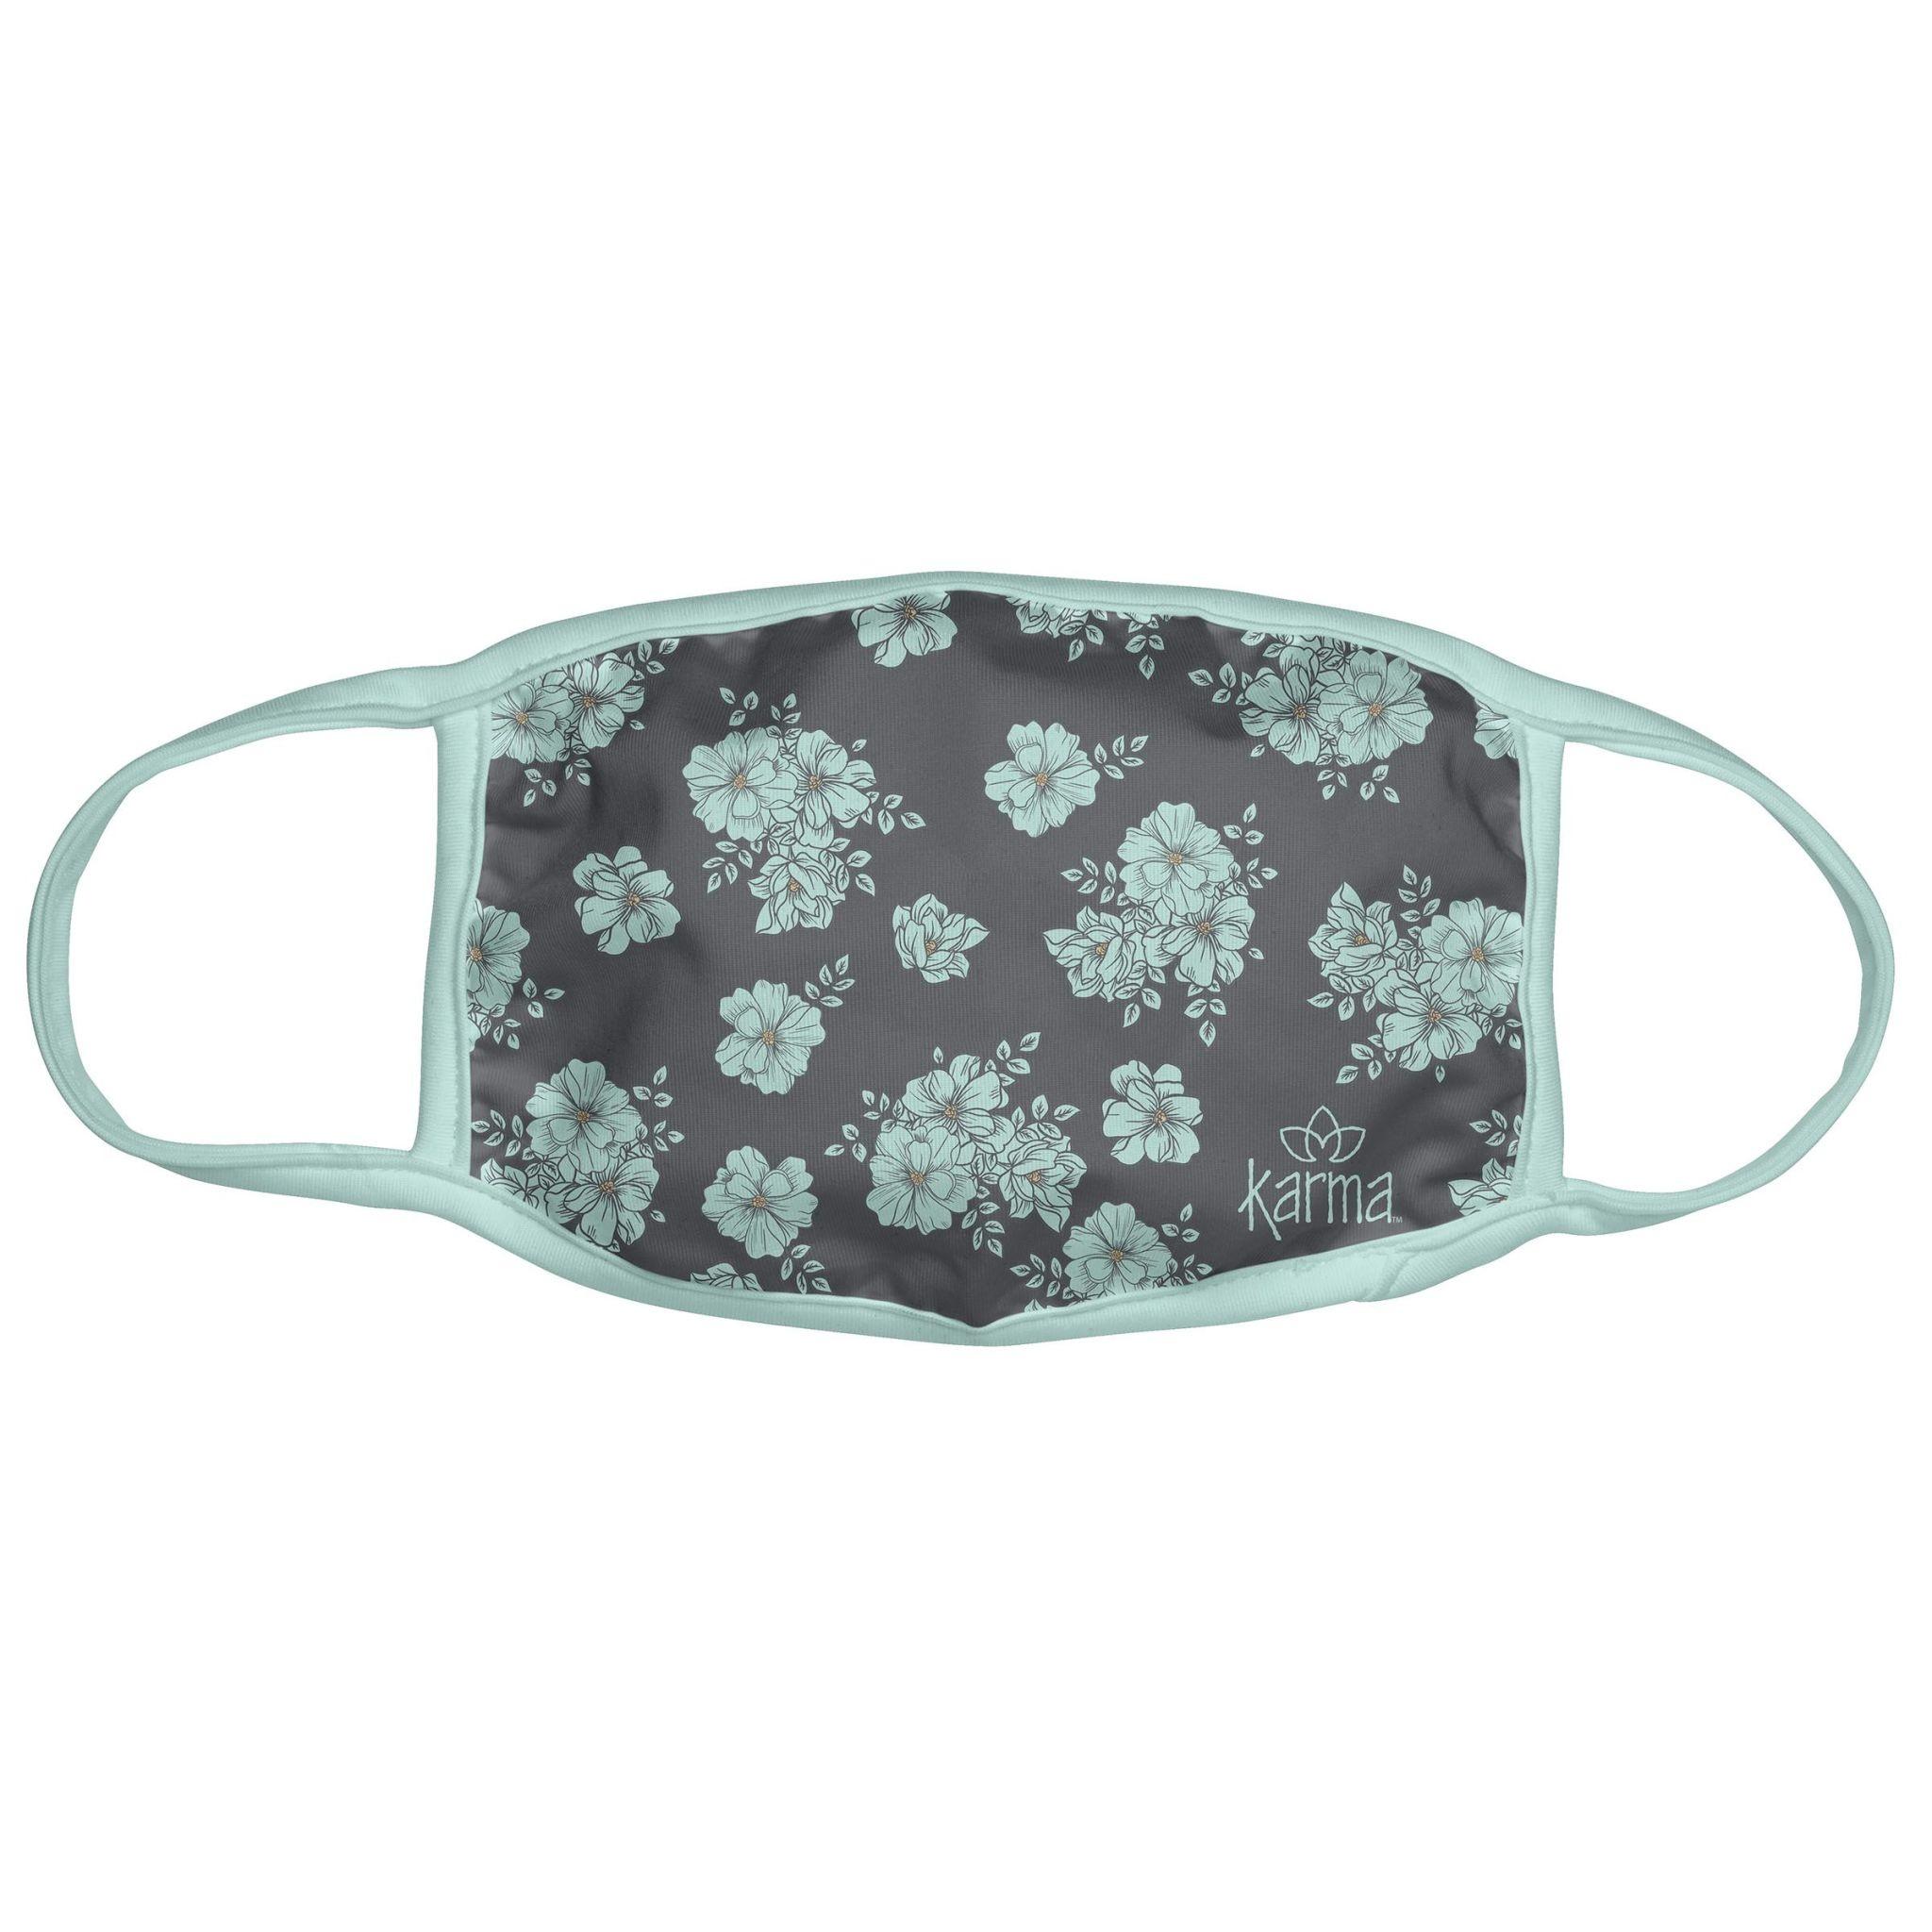 Karma Karma Face Mask - Adult - Blue Floral